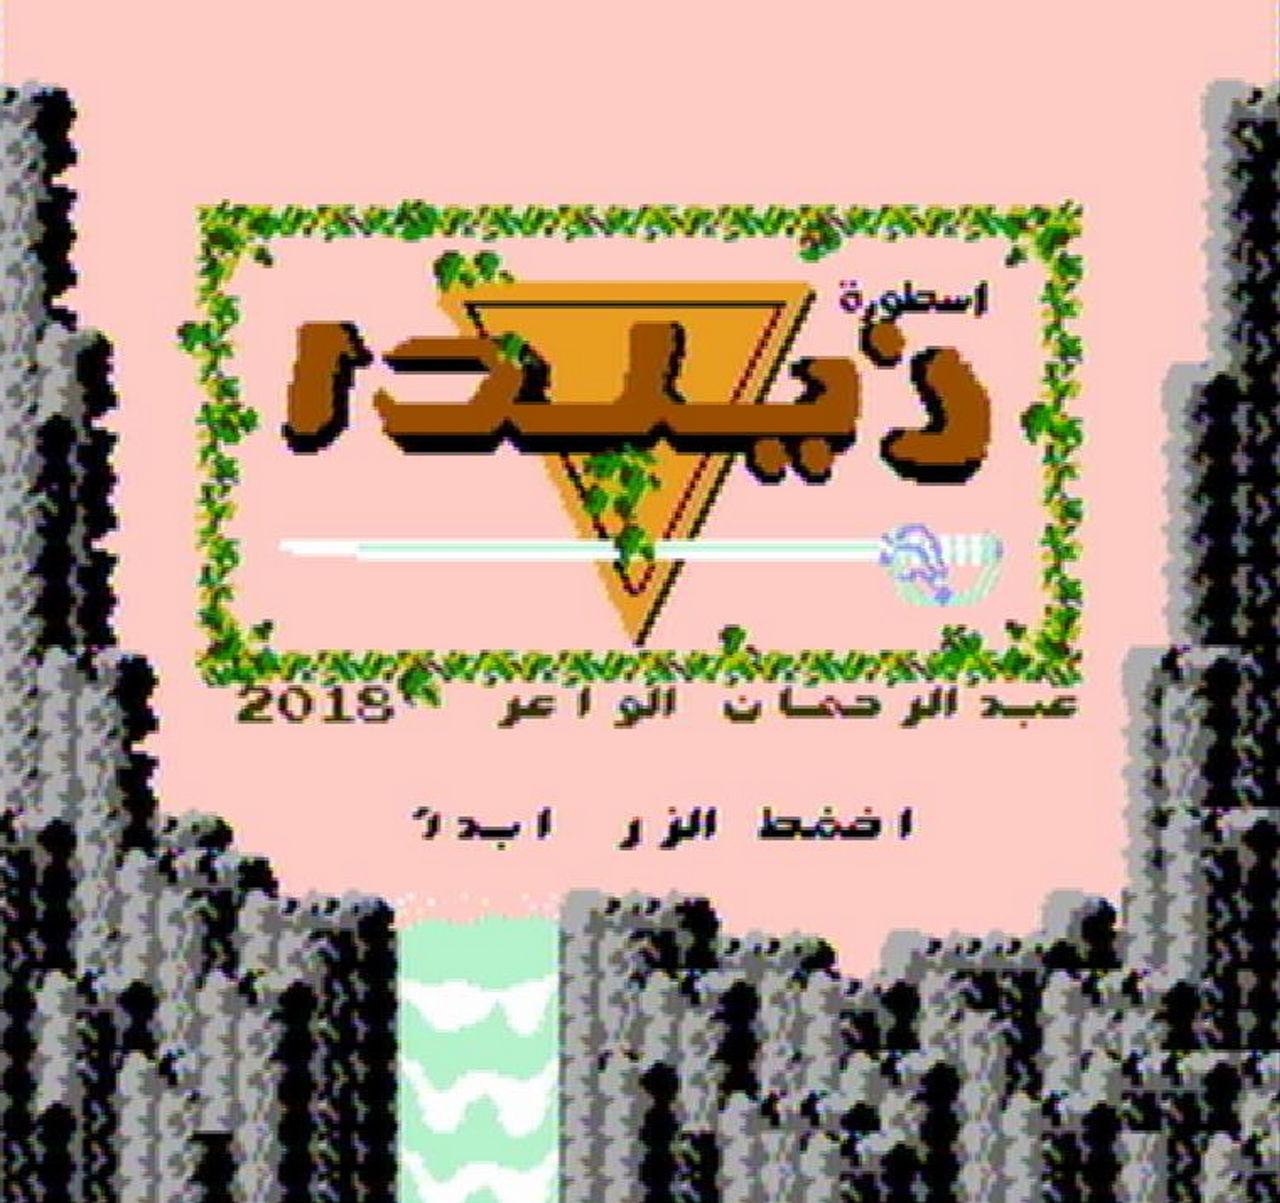 Zelda Arabic Nes Title Screen by dyarikos on DeviantArt